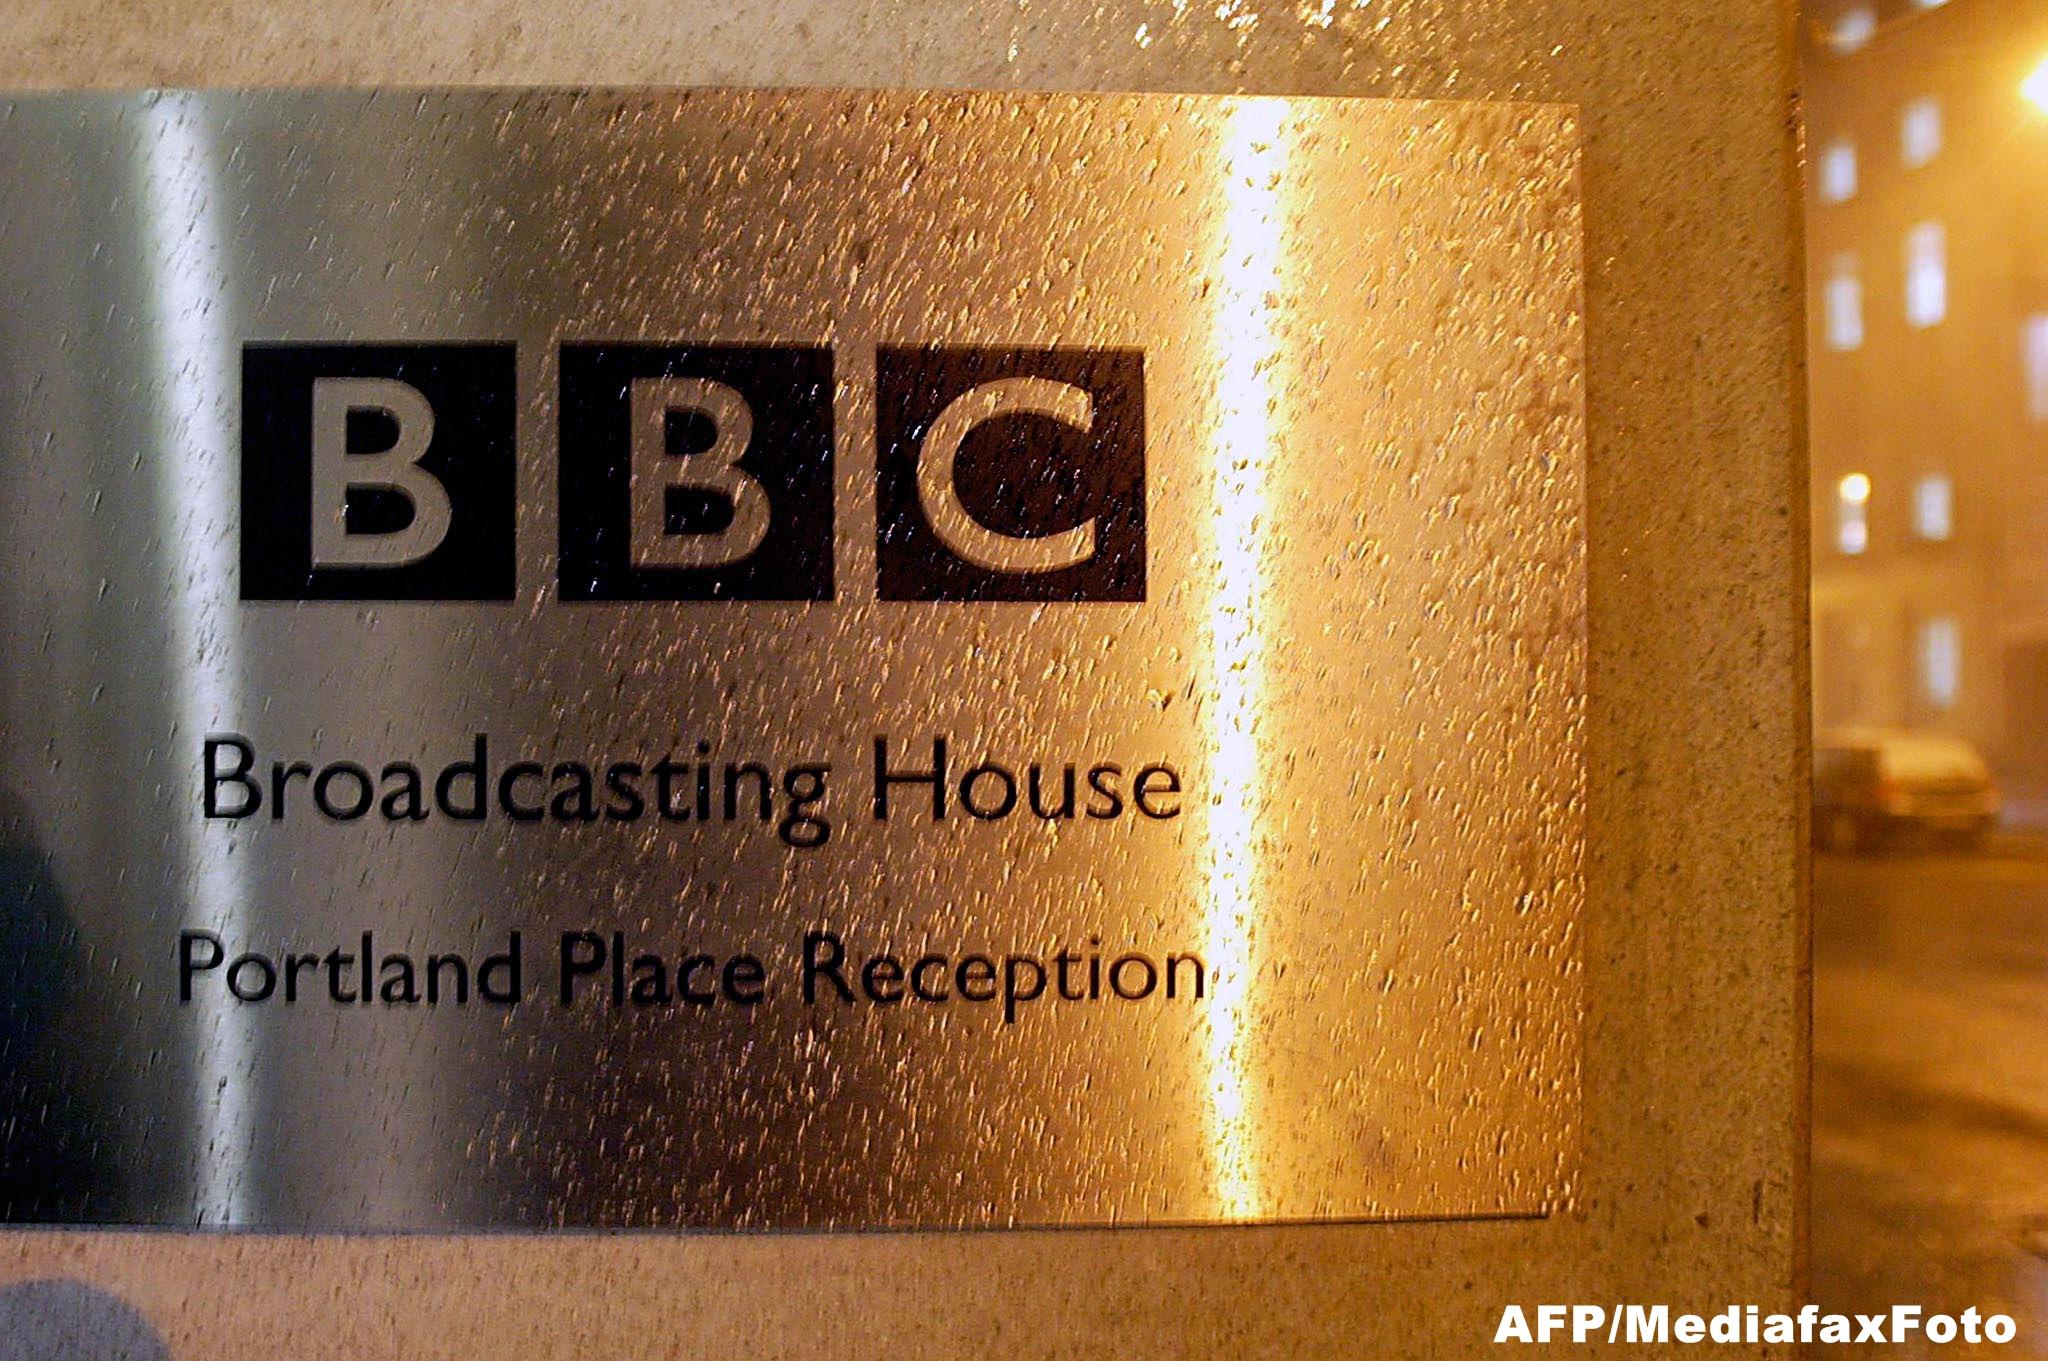 BBC a reangajat in secret 9 fosti manageri, dupa ce le-a platit indemnizatii de plecare uriase